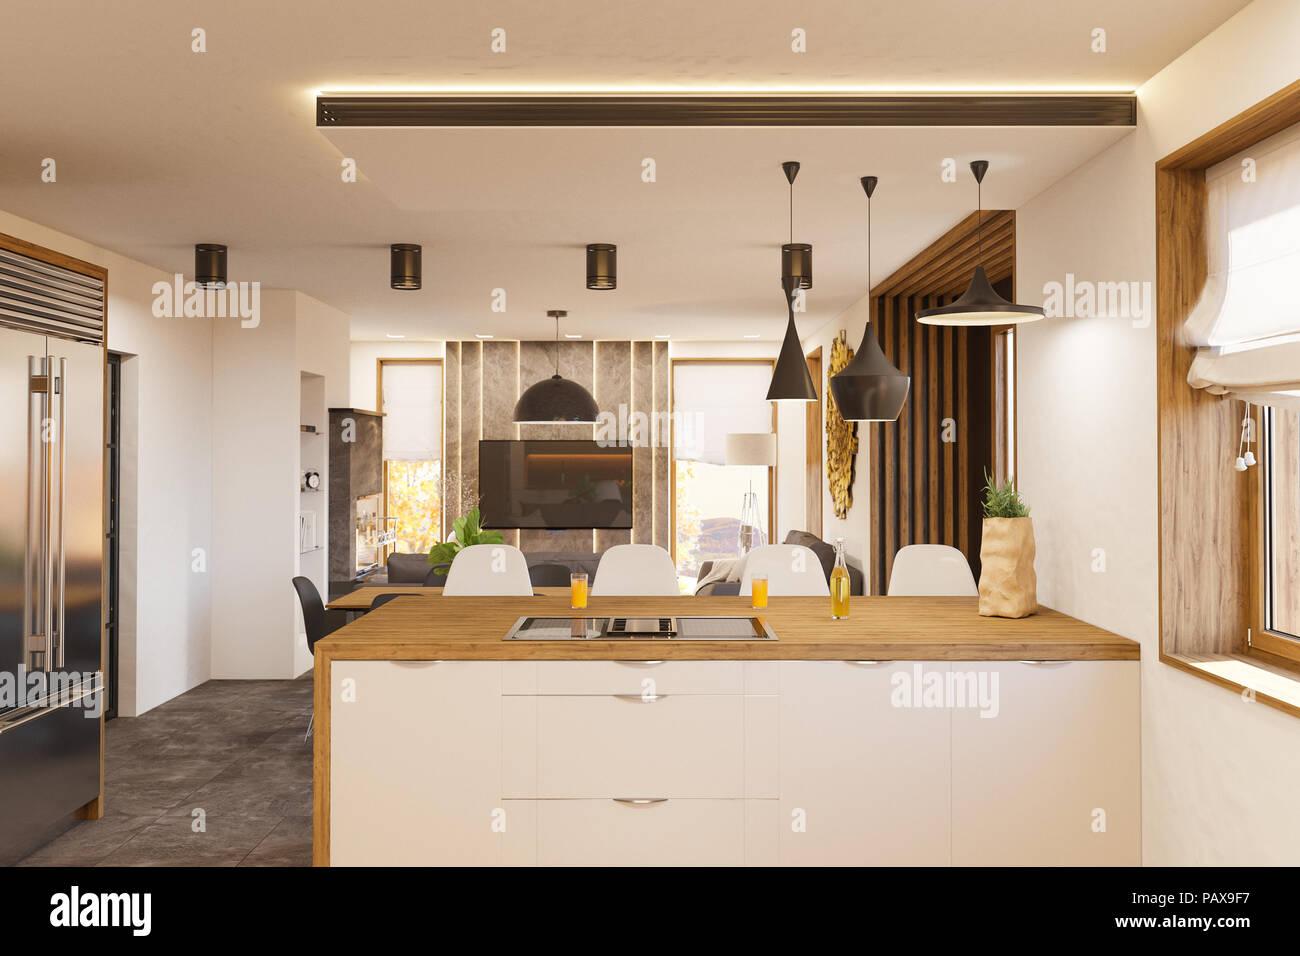 Sal n y cocina con chimenea de dise o interior casa en el for Casa minimalista interior cocina